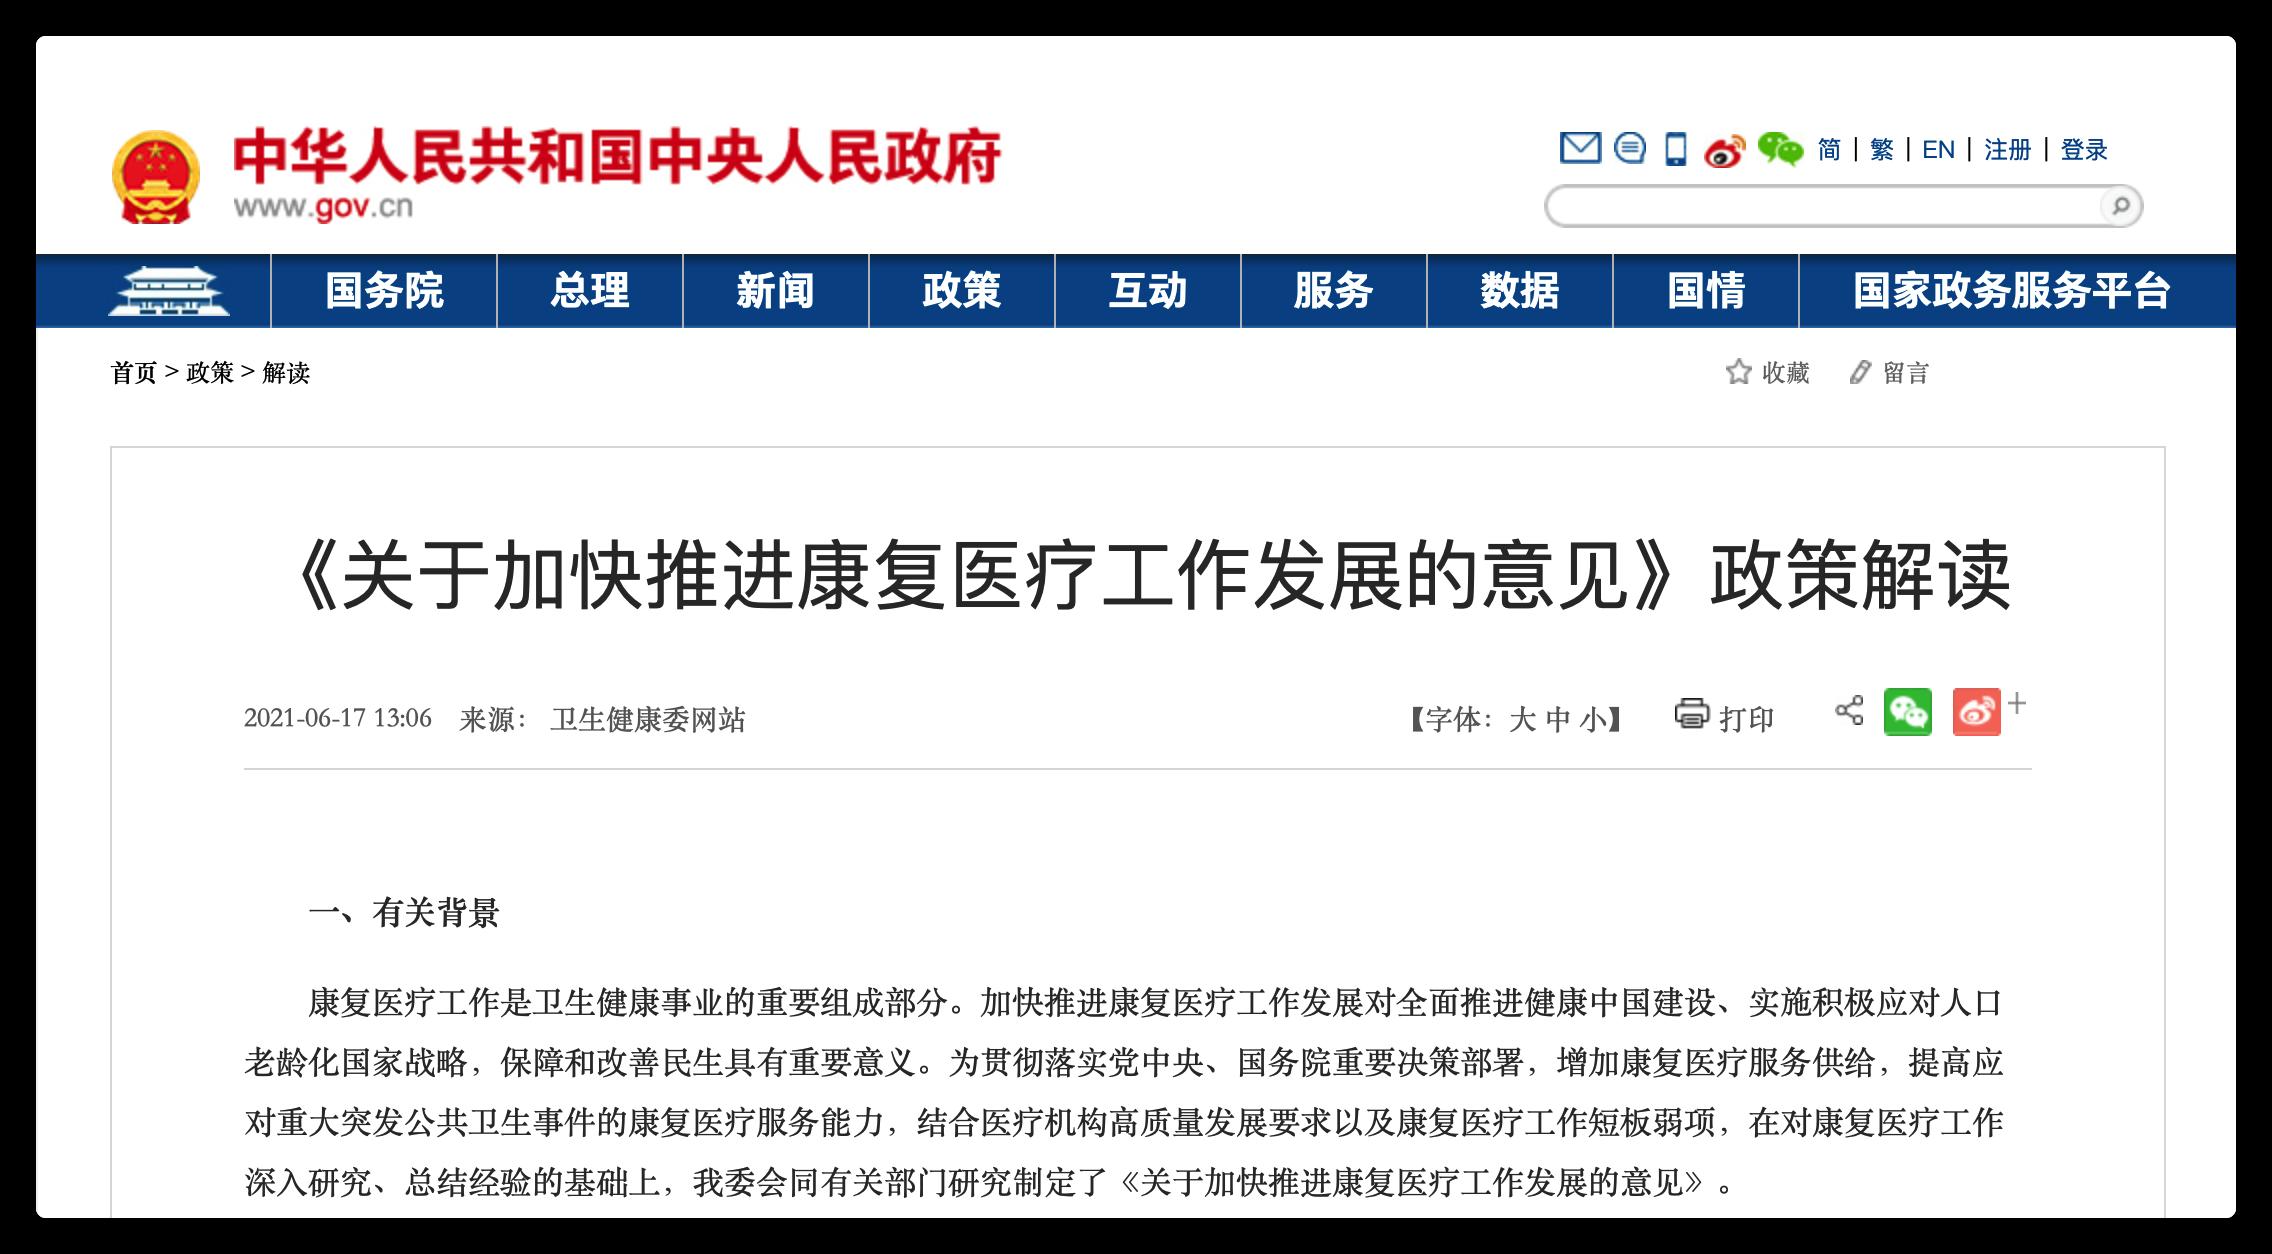 国家卫健委、中国残联等八部门联合印发《关于加快推进康复医疗工作发展的意见》